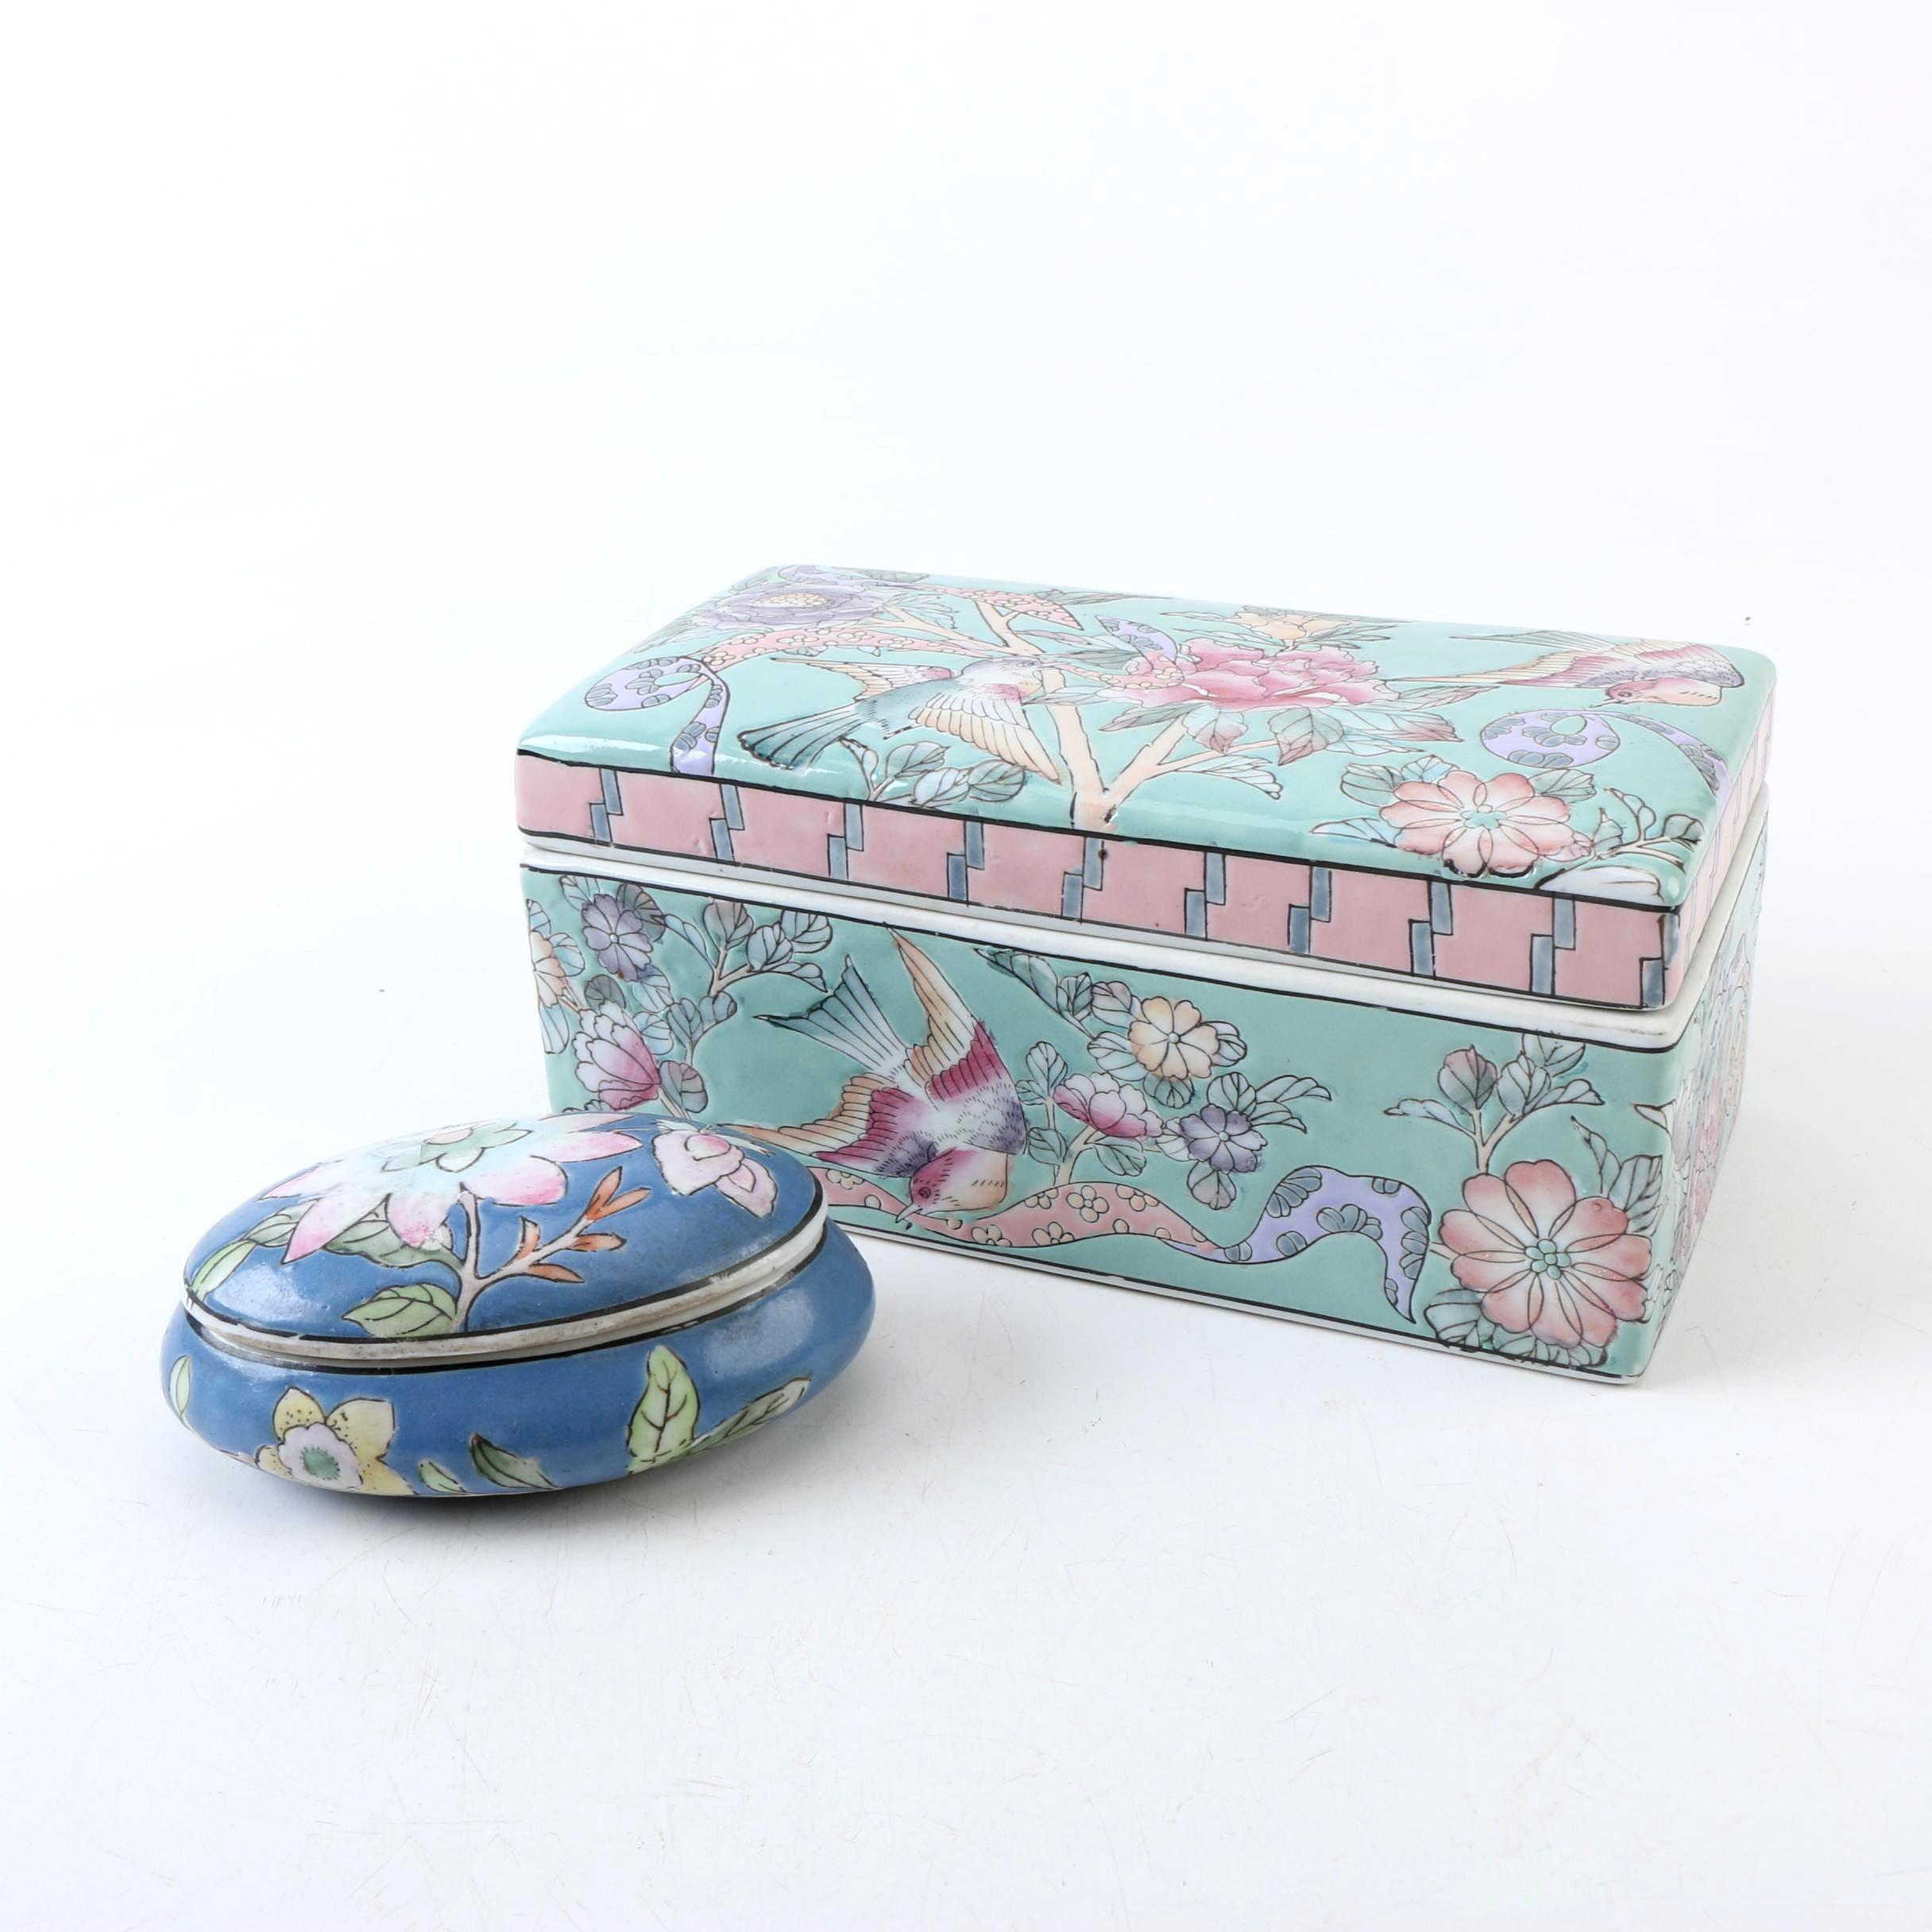 Vintage Chinese Enameled Ceramic Boxes